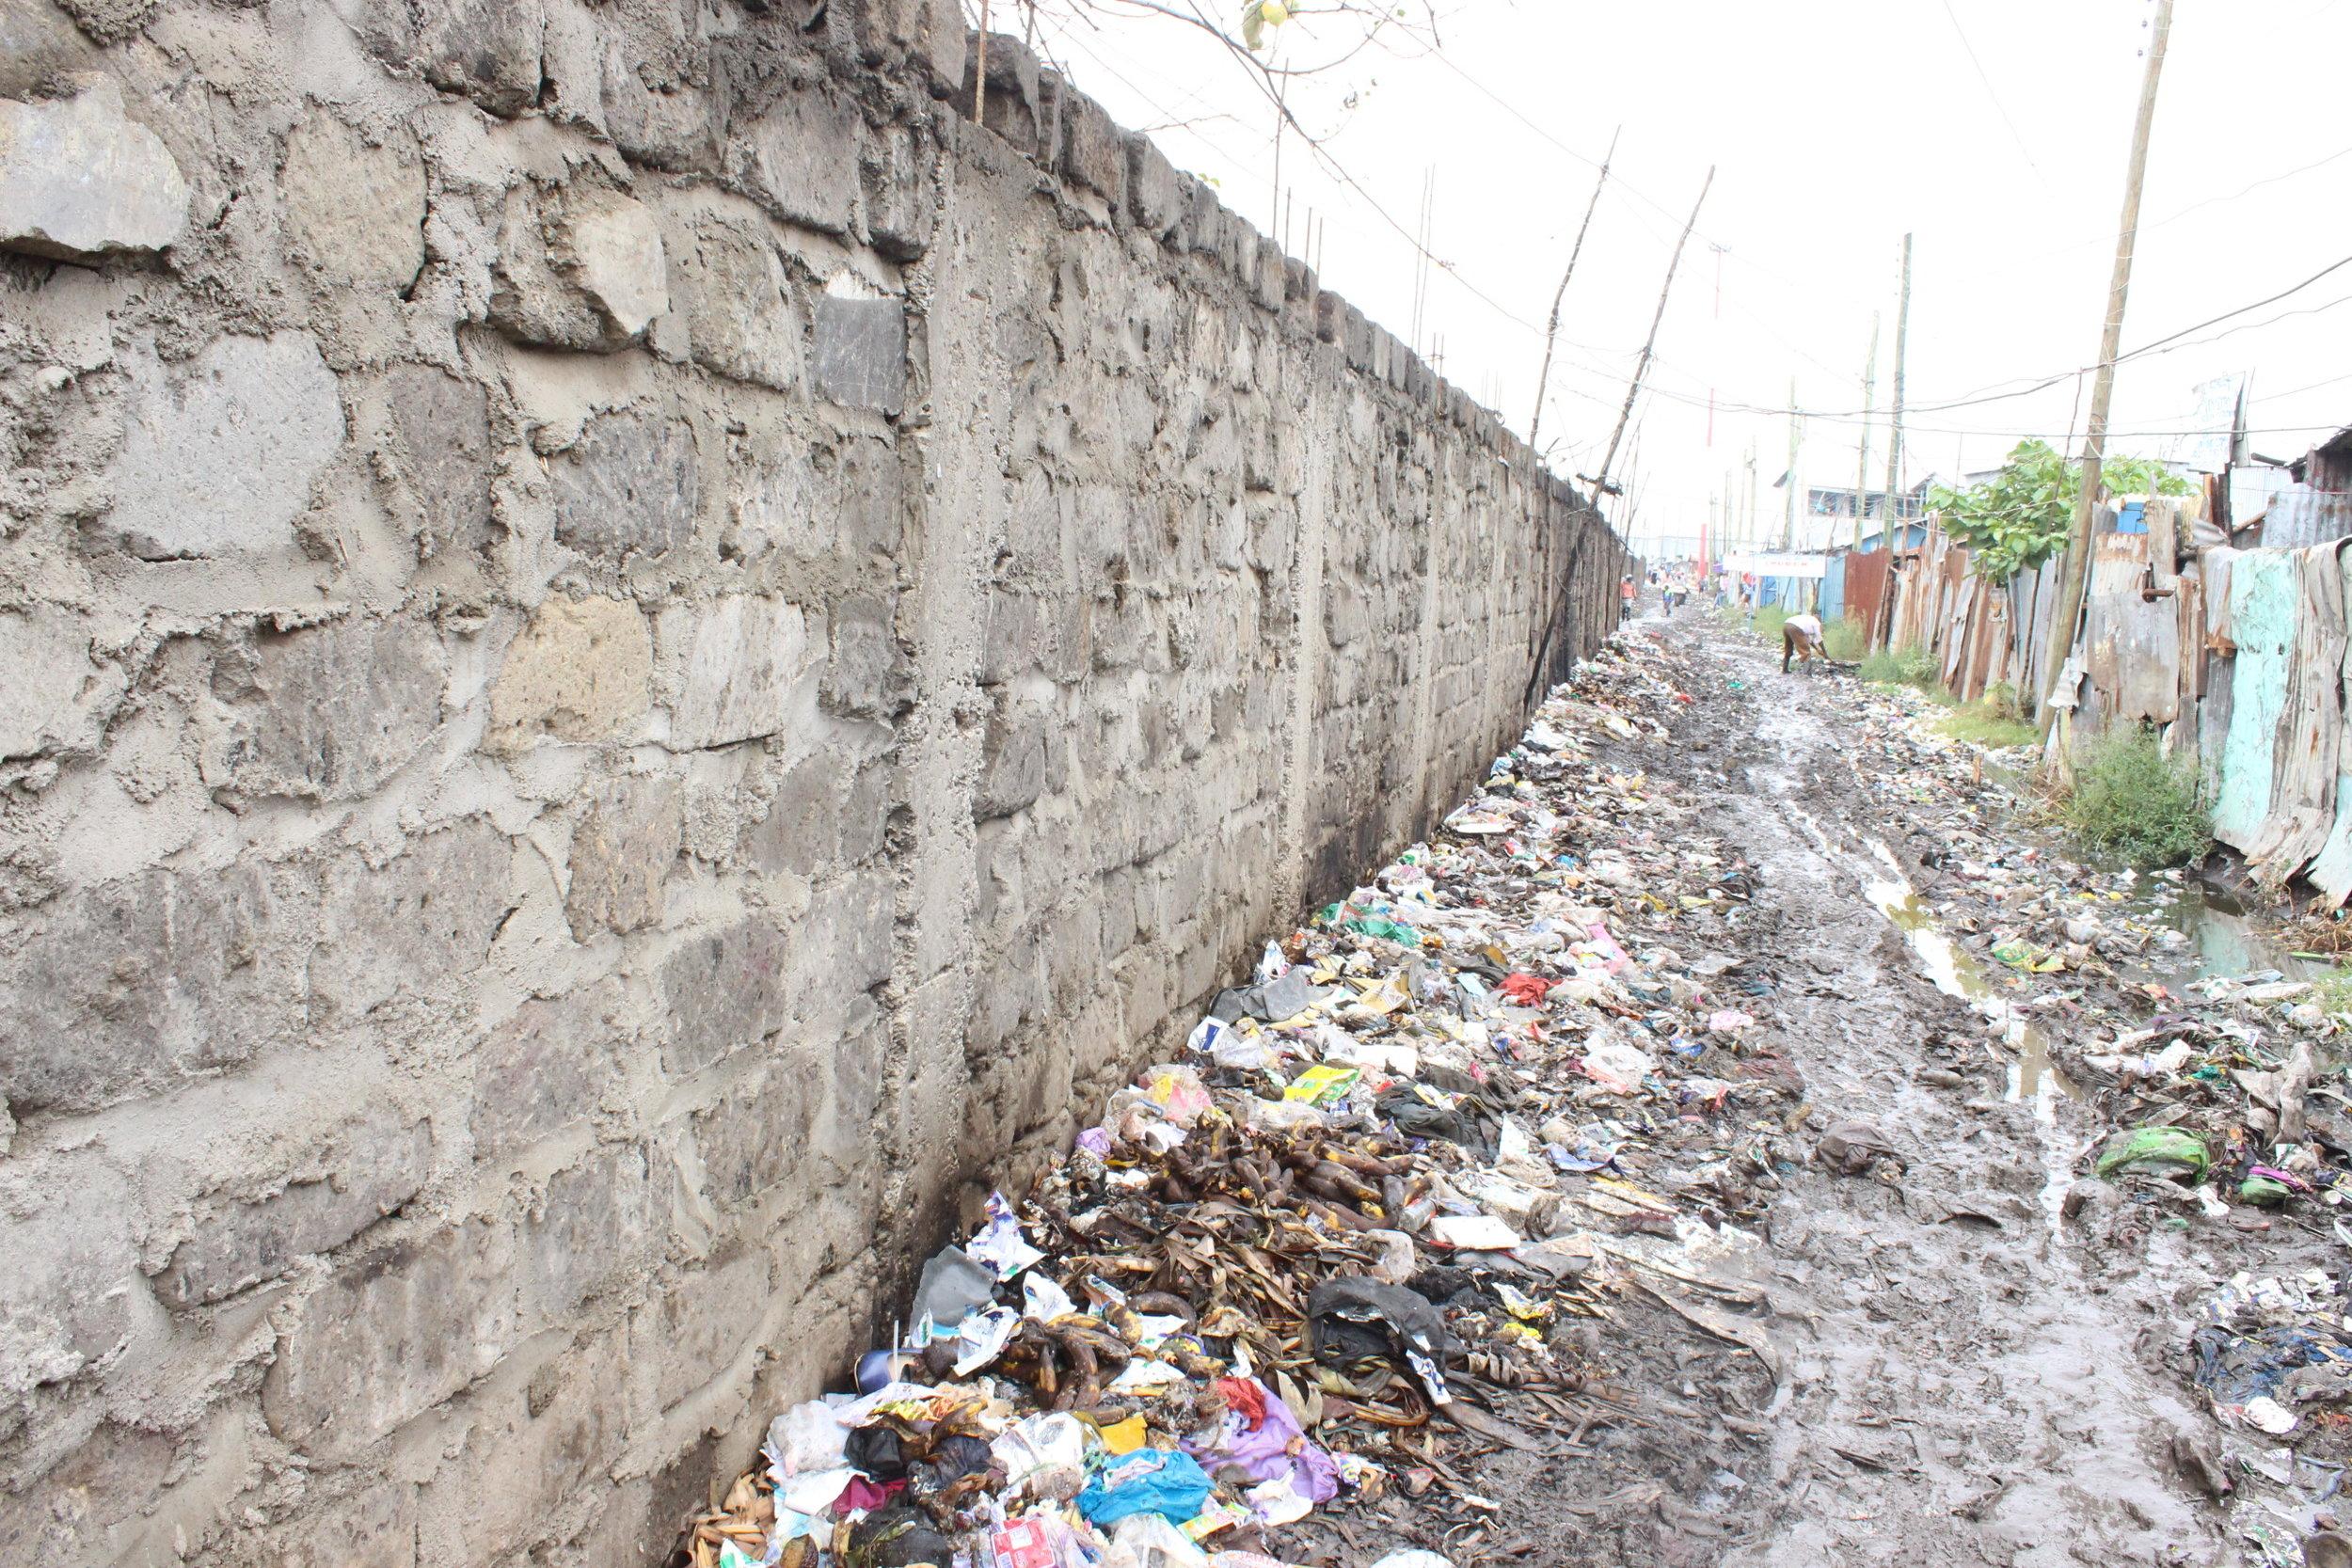 A road in Mukuru, Nairobi. Photo: Muungano KYCTV (Anami Ture)